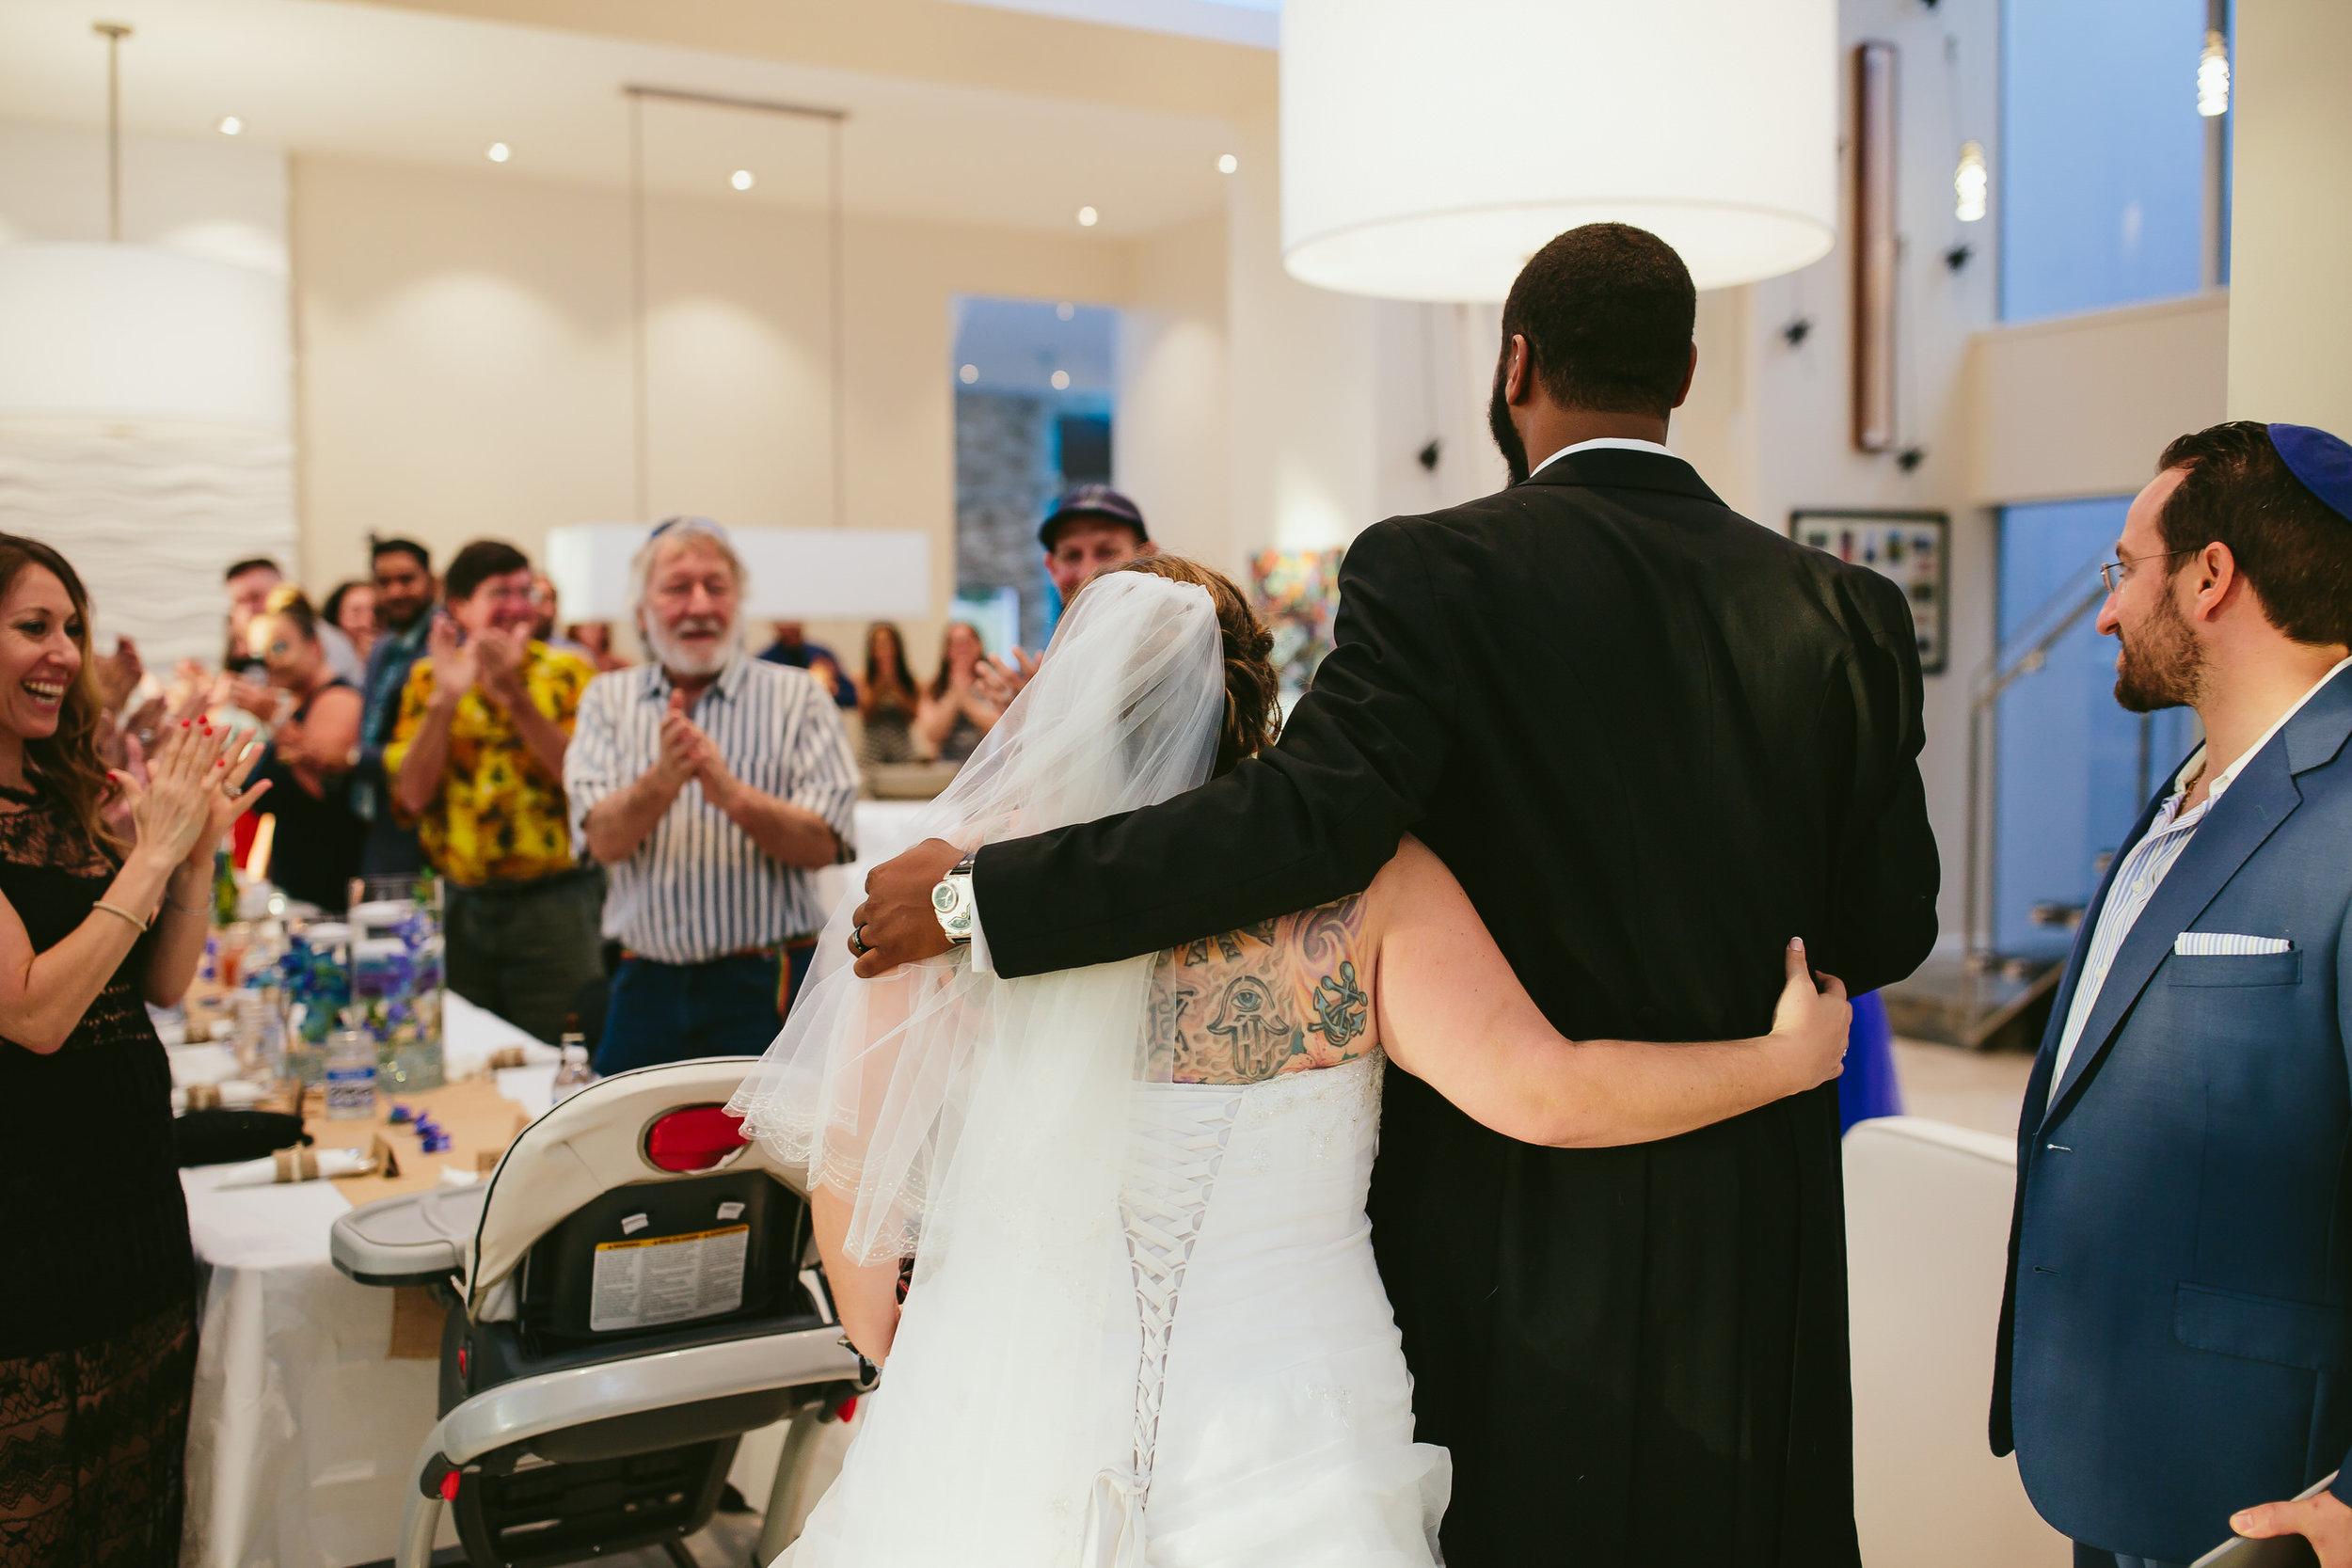 hollywood_estate_wedding_reception_steph_lynn_photo-10.jpg